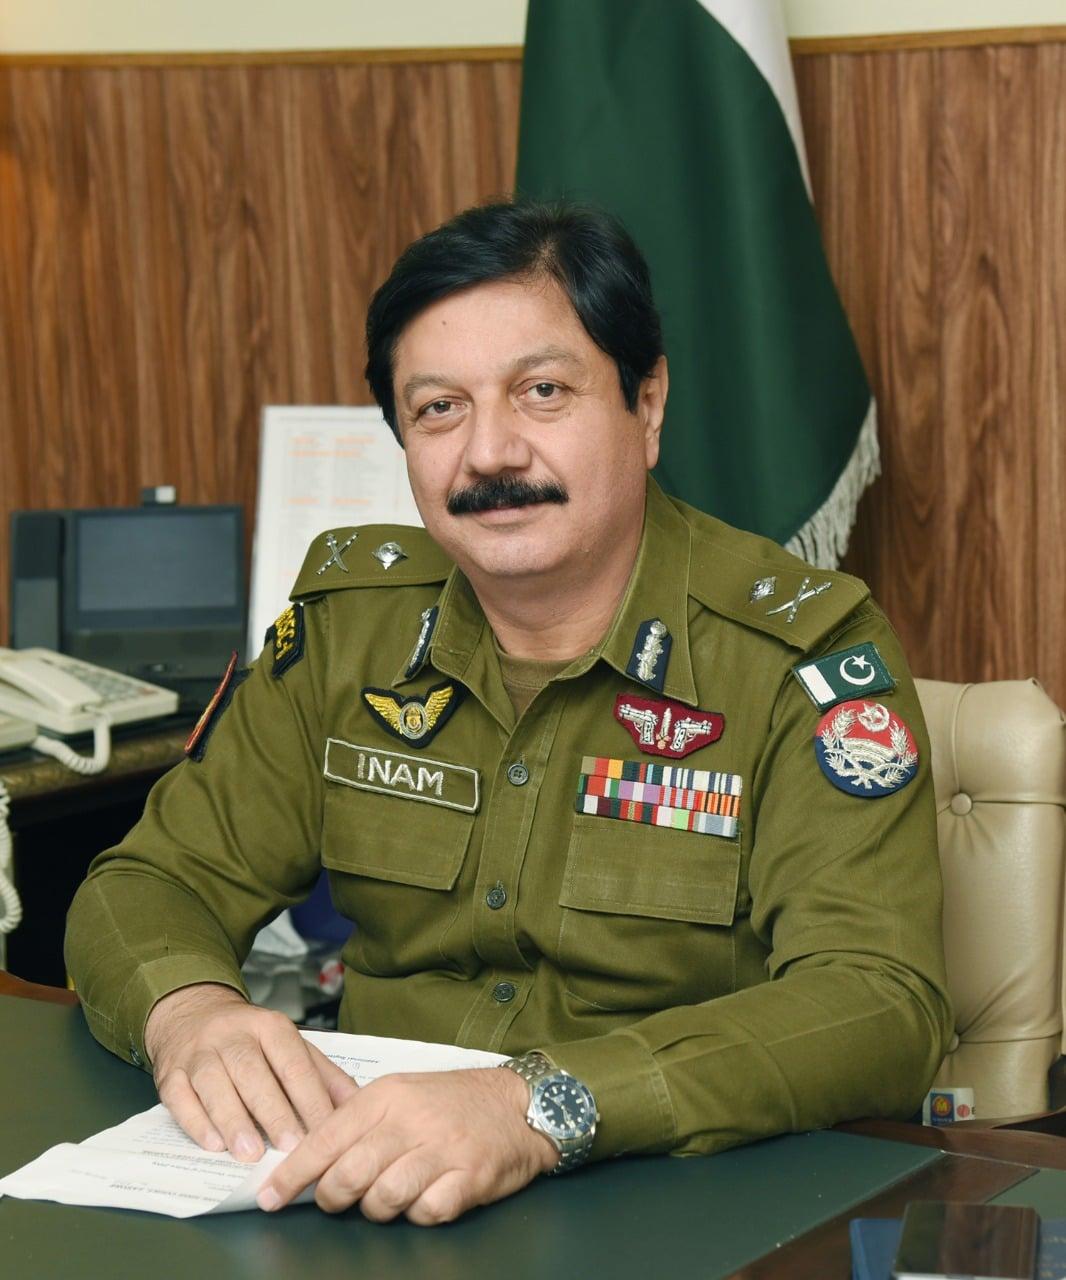 https://pkm.punjab.gov.pk/assets/frontend/images/inam_ghani.jpg